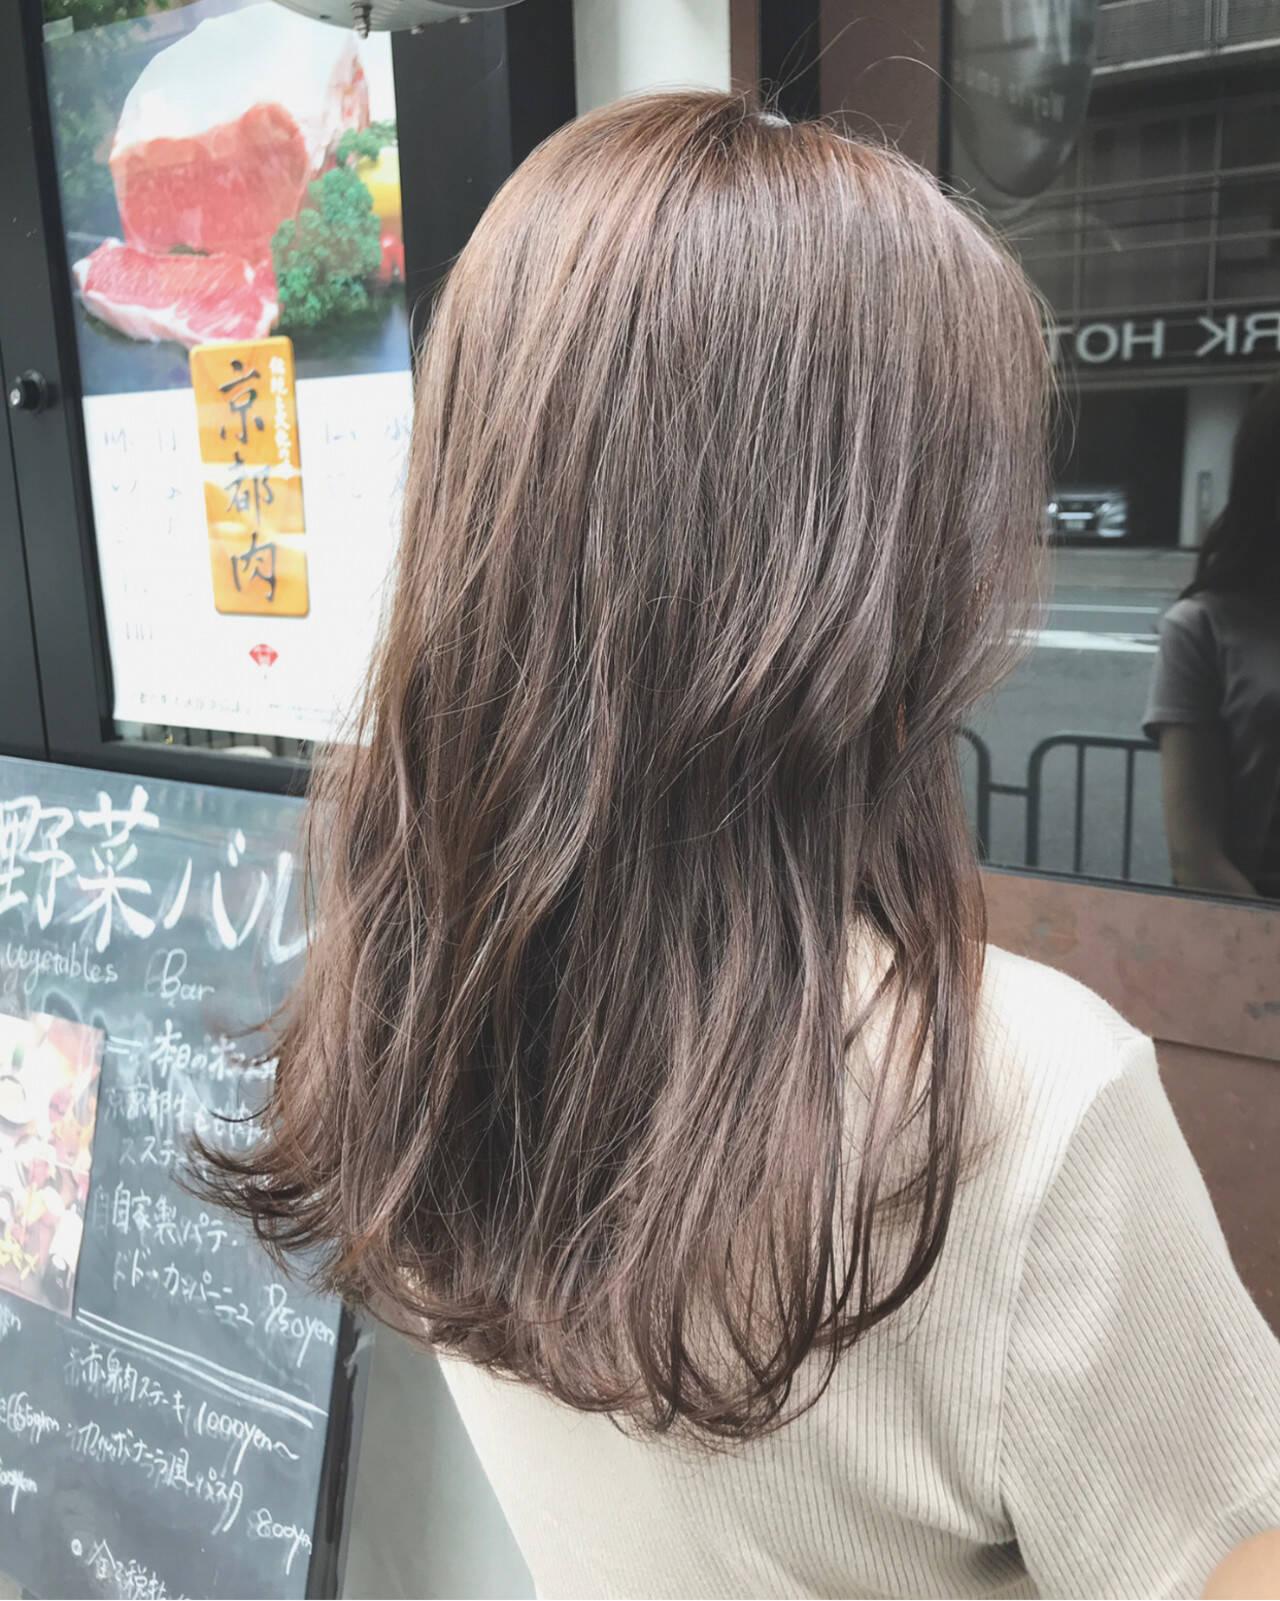 ミルクティーグレージュ 大人女子 ナチュラル oggiottoヘアスタイルや髪型の写真・画像